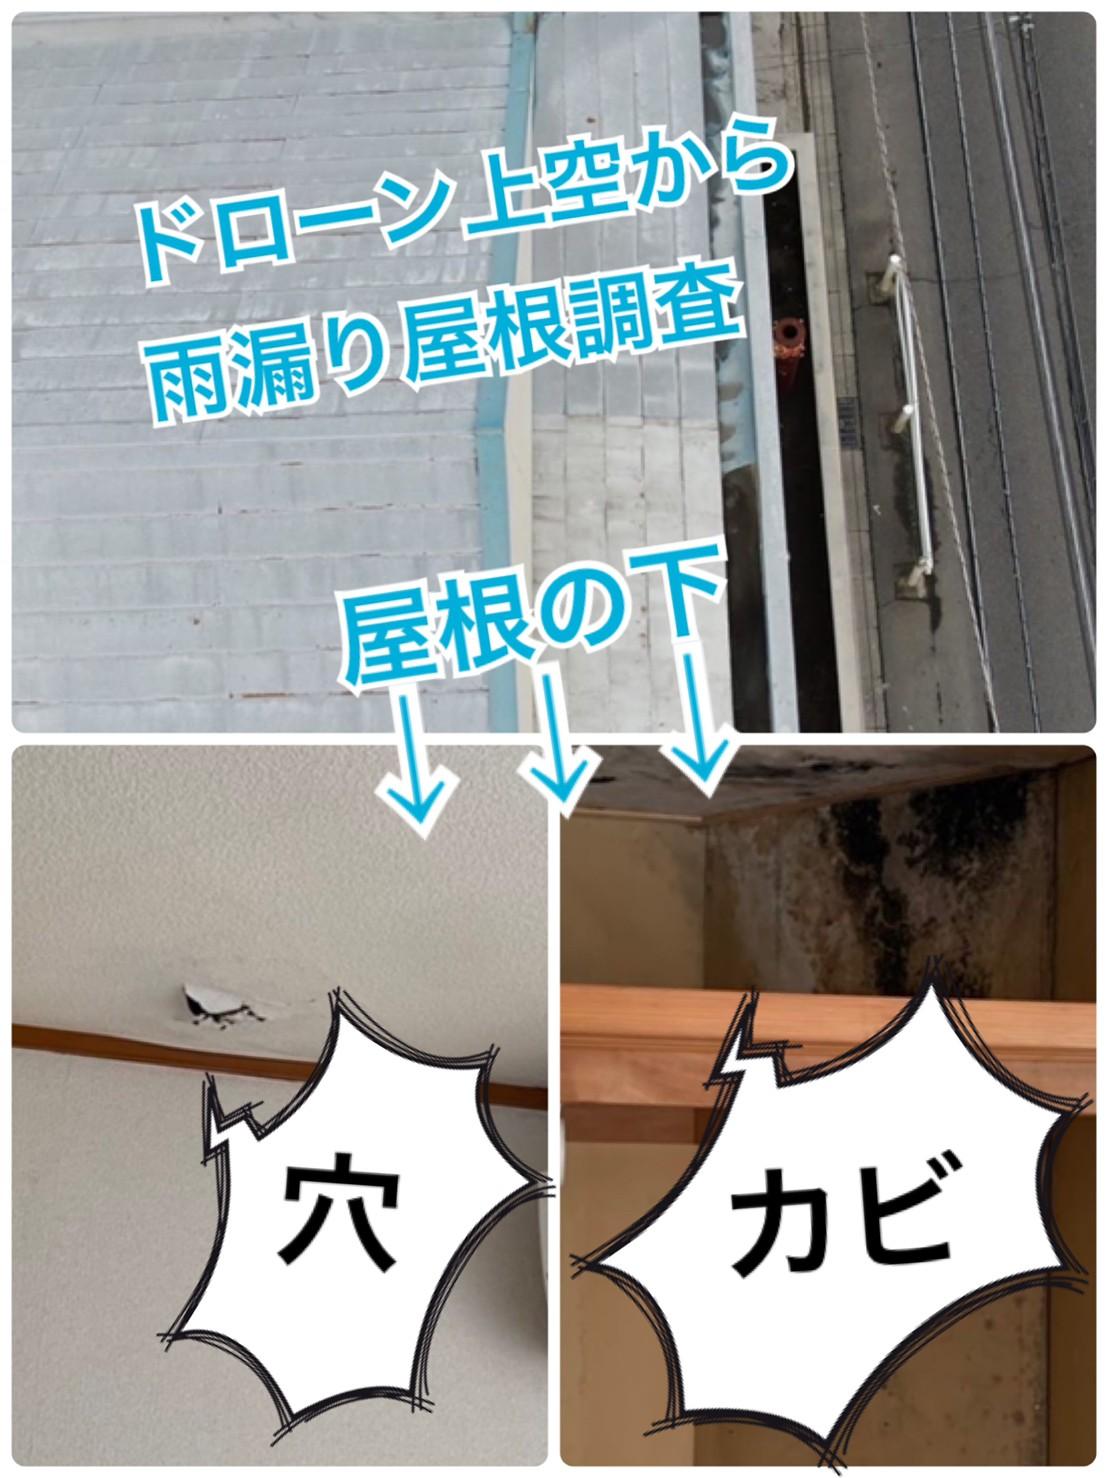 雨漏り屋根☔ドローン調査🔎